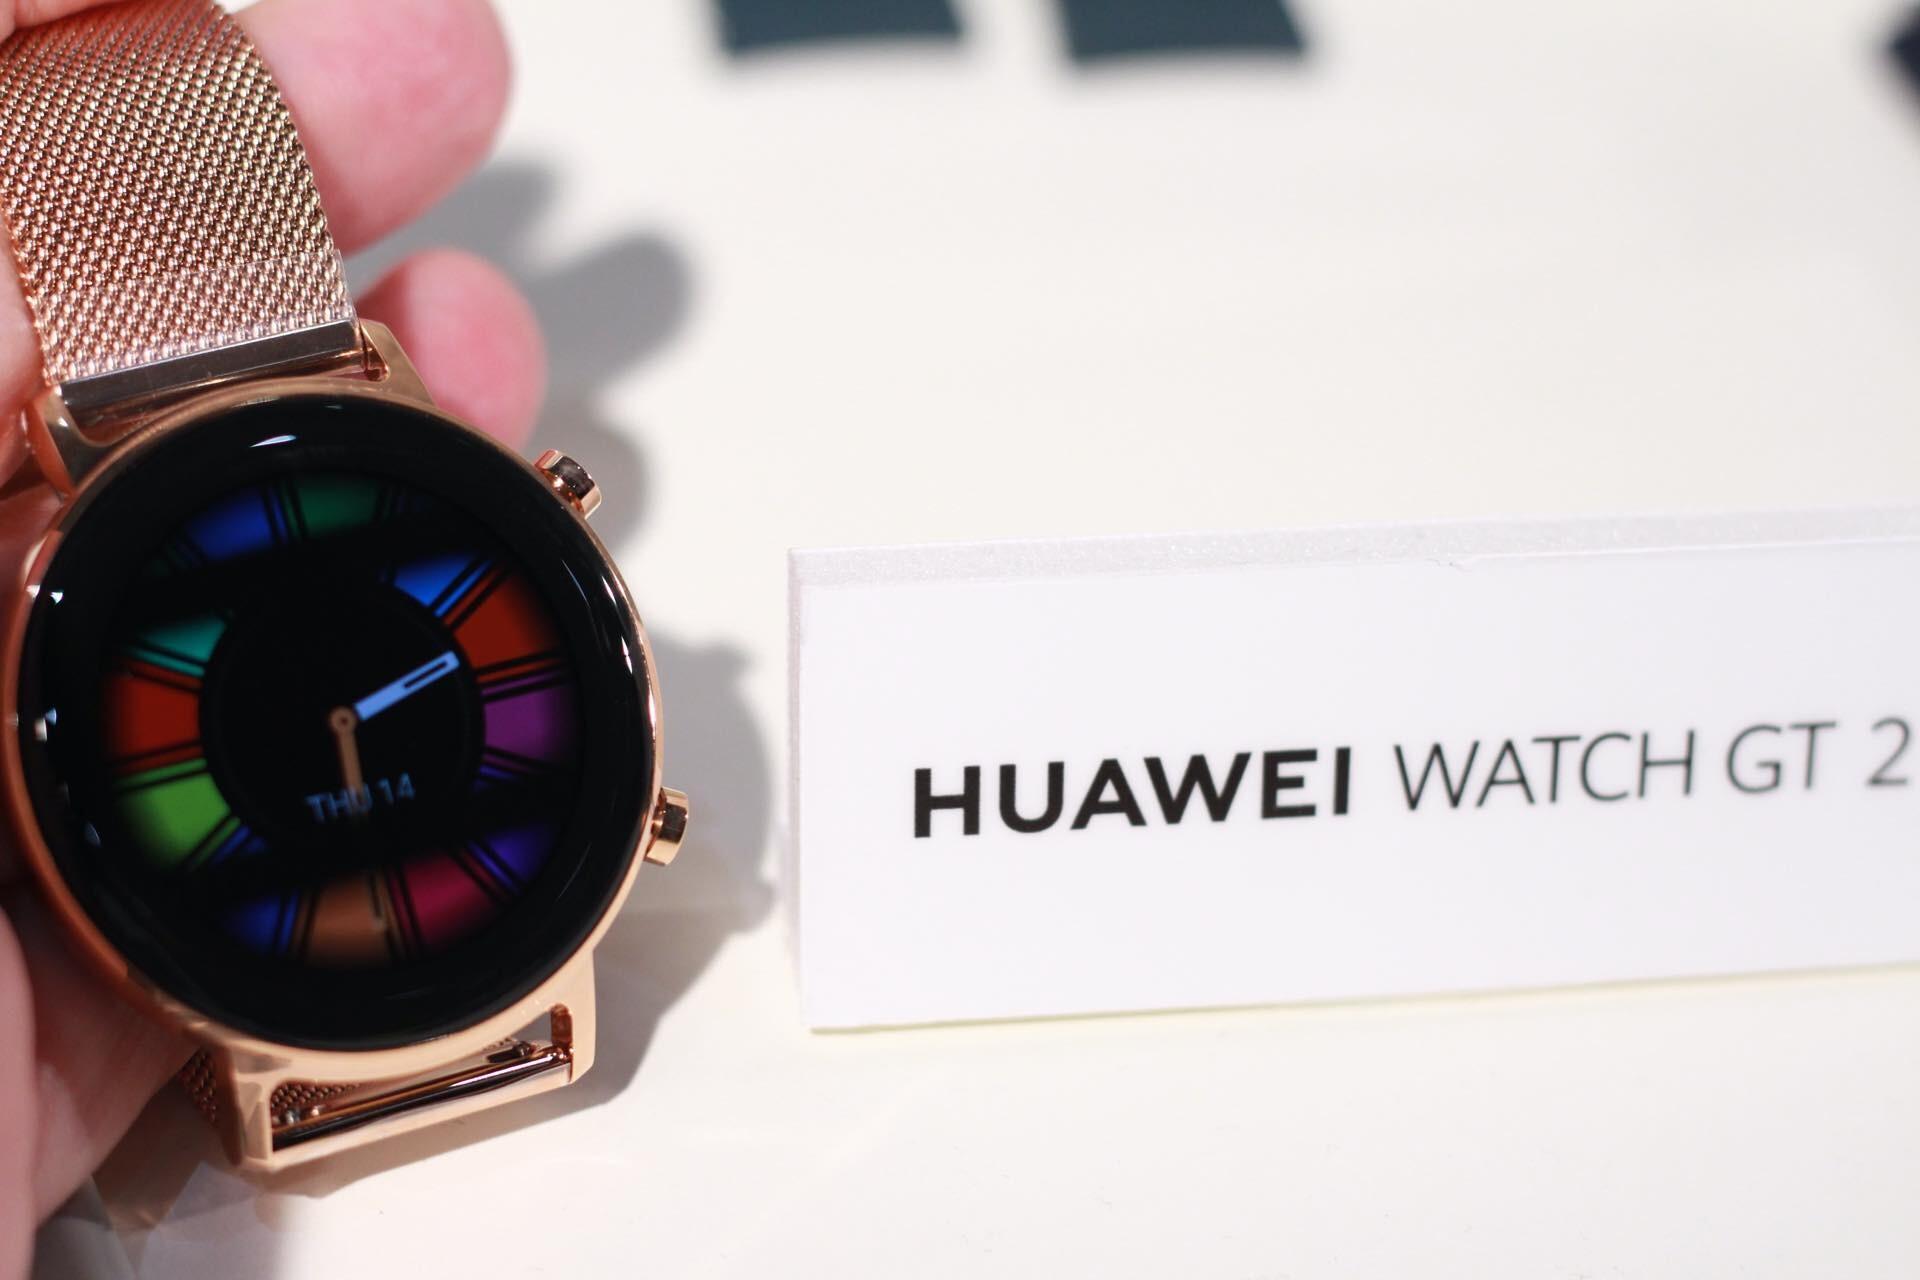 ファーウェイがスマートウォッチ「HUAWEI WATCH GT2」を11月22日